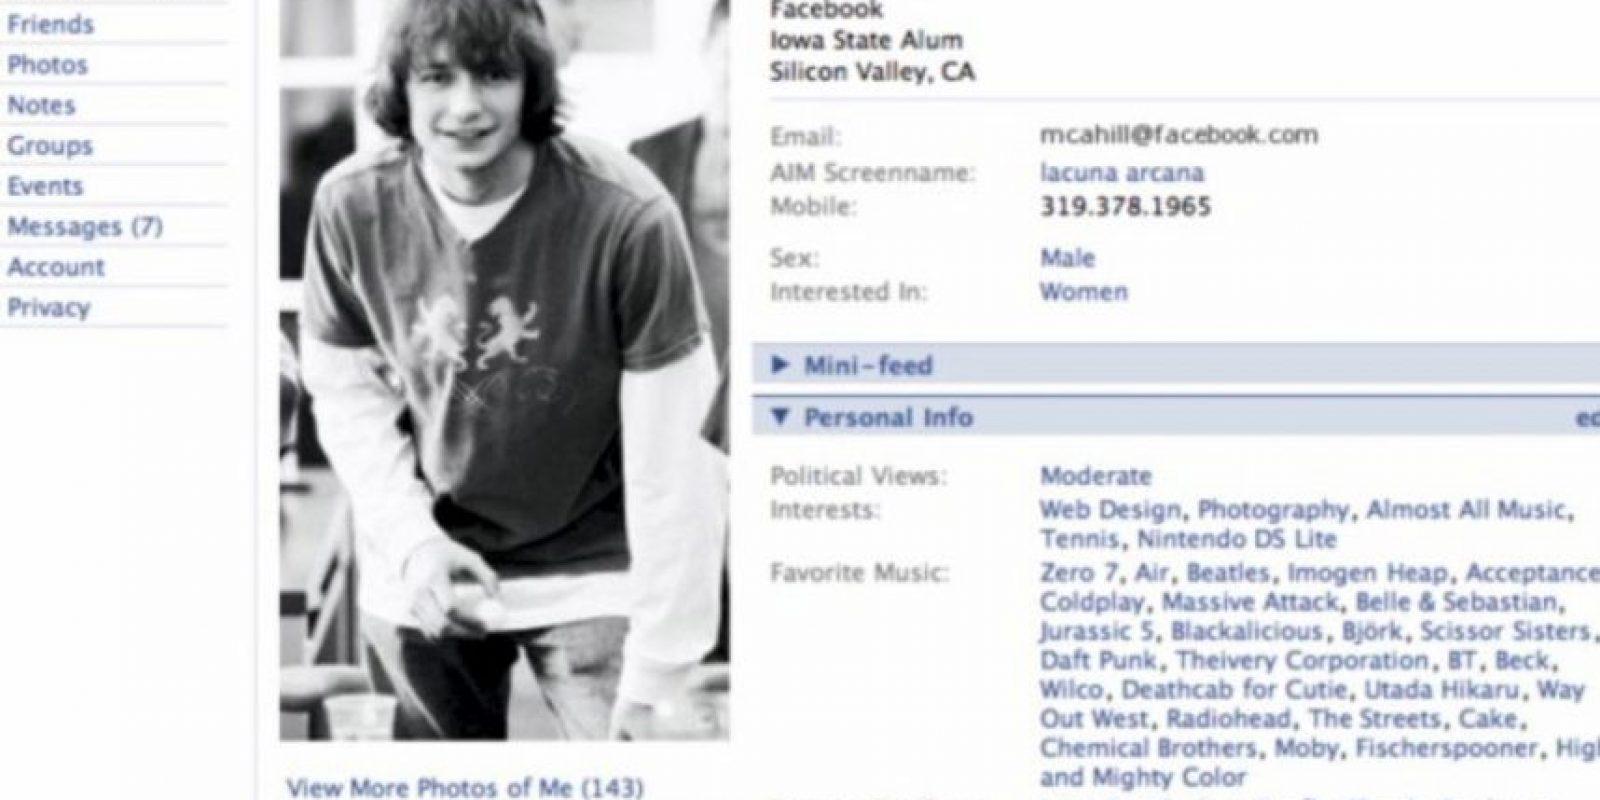 """2005. """"The"""" es eliminado del nombre de la red social. Foto:vía Facebook.com"""